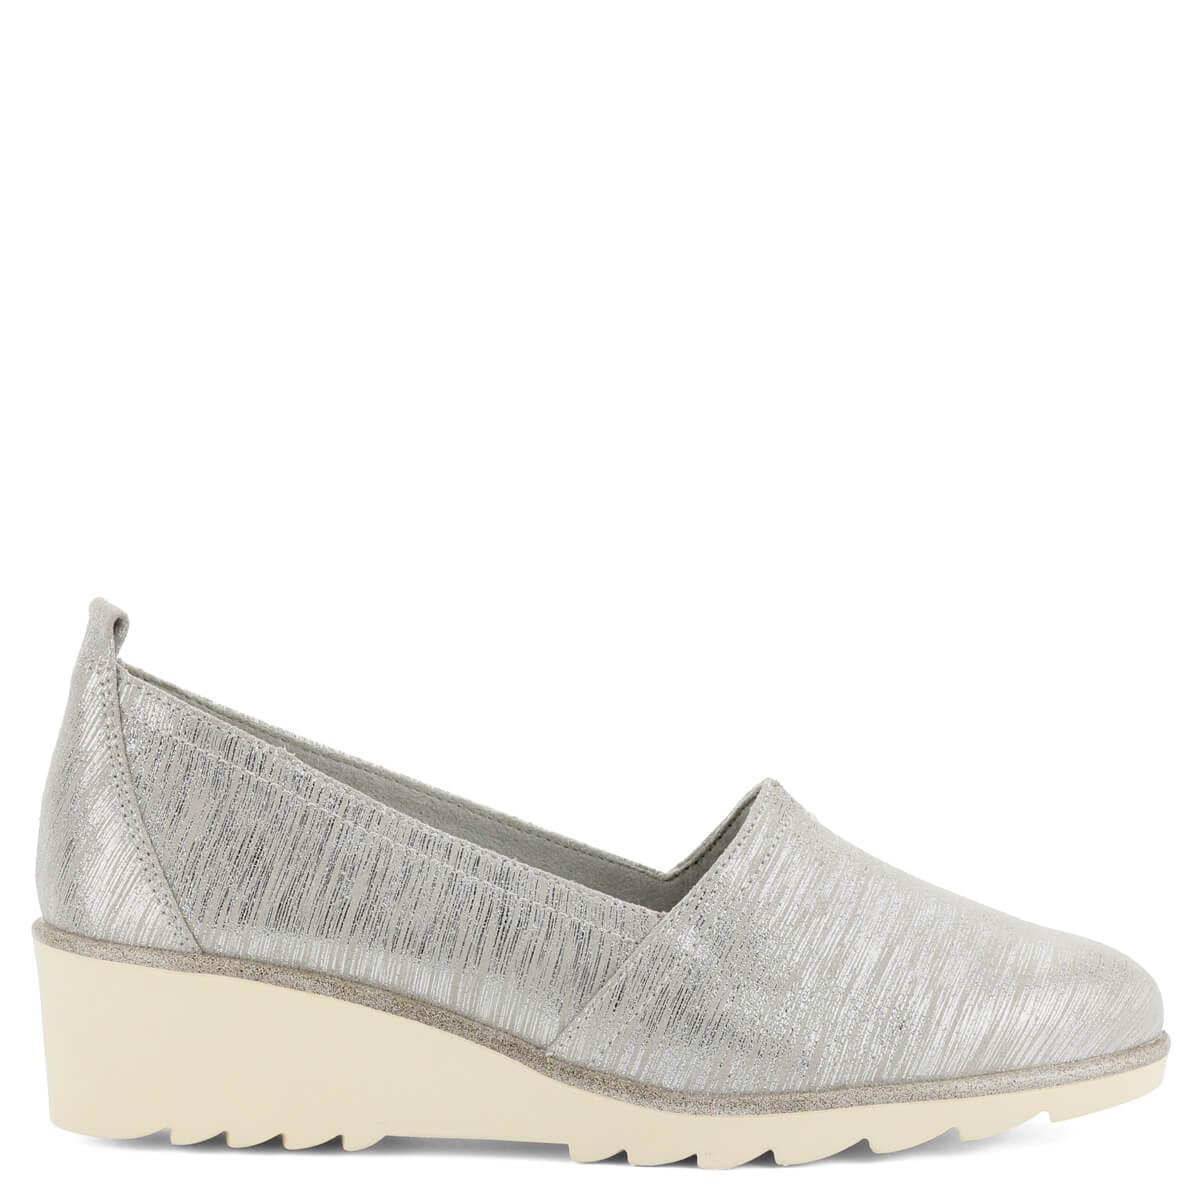 Ezüstös csillogású Tamaris cipő kb 4 cm magas sarokkal. Kényelmes  memóriahabos talpbéléssel készült c29a5c797e